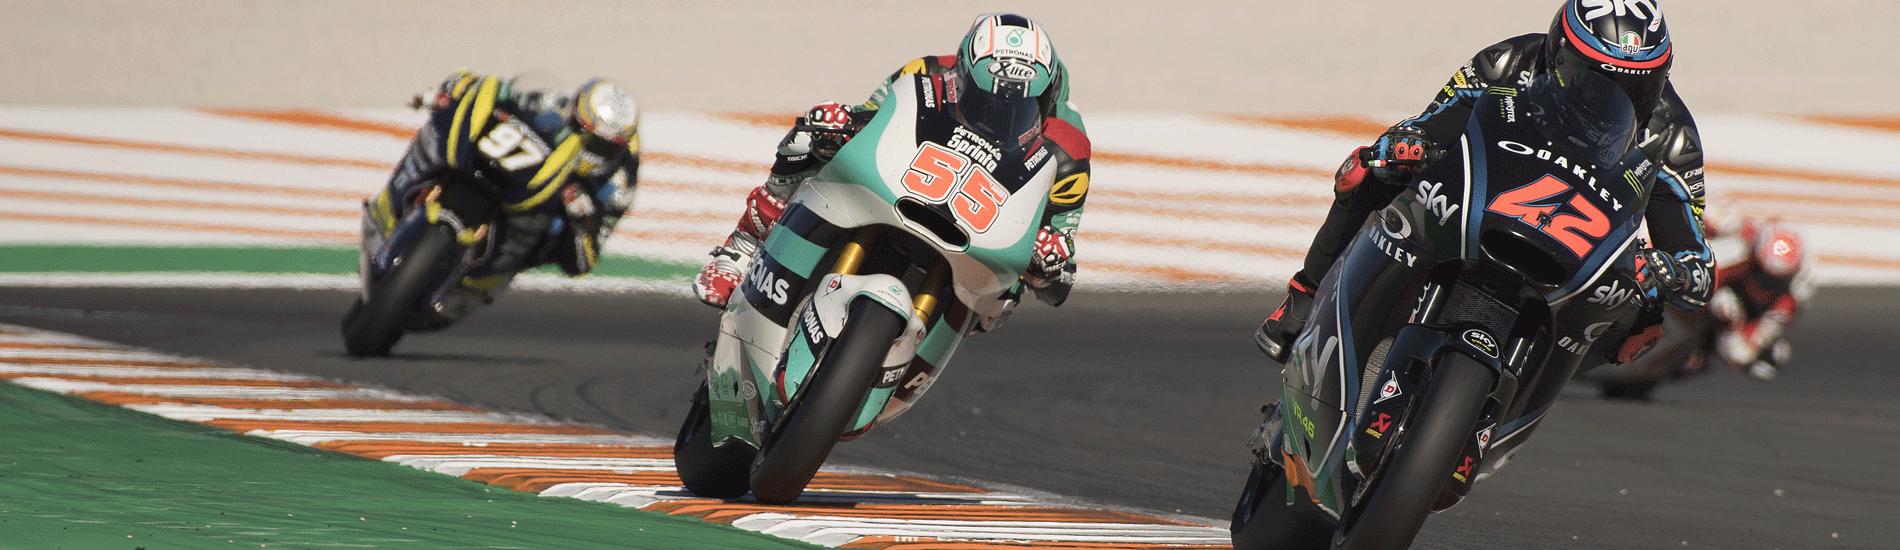 motogp qualifying heute